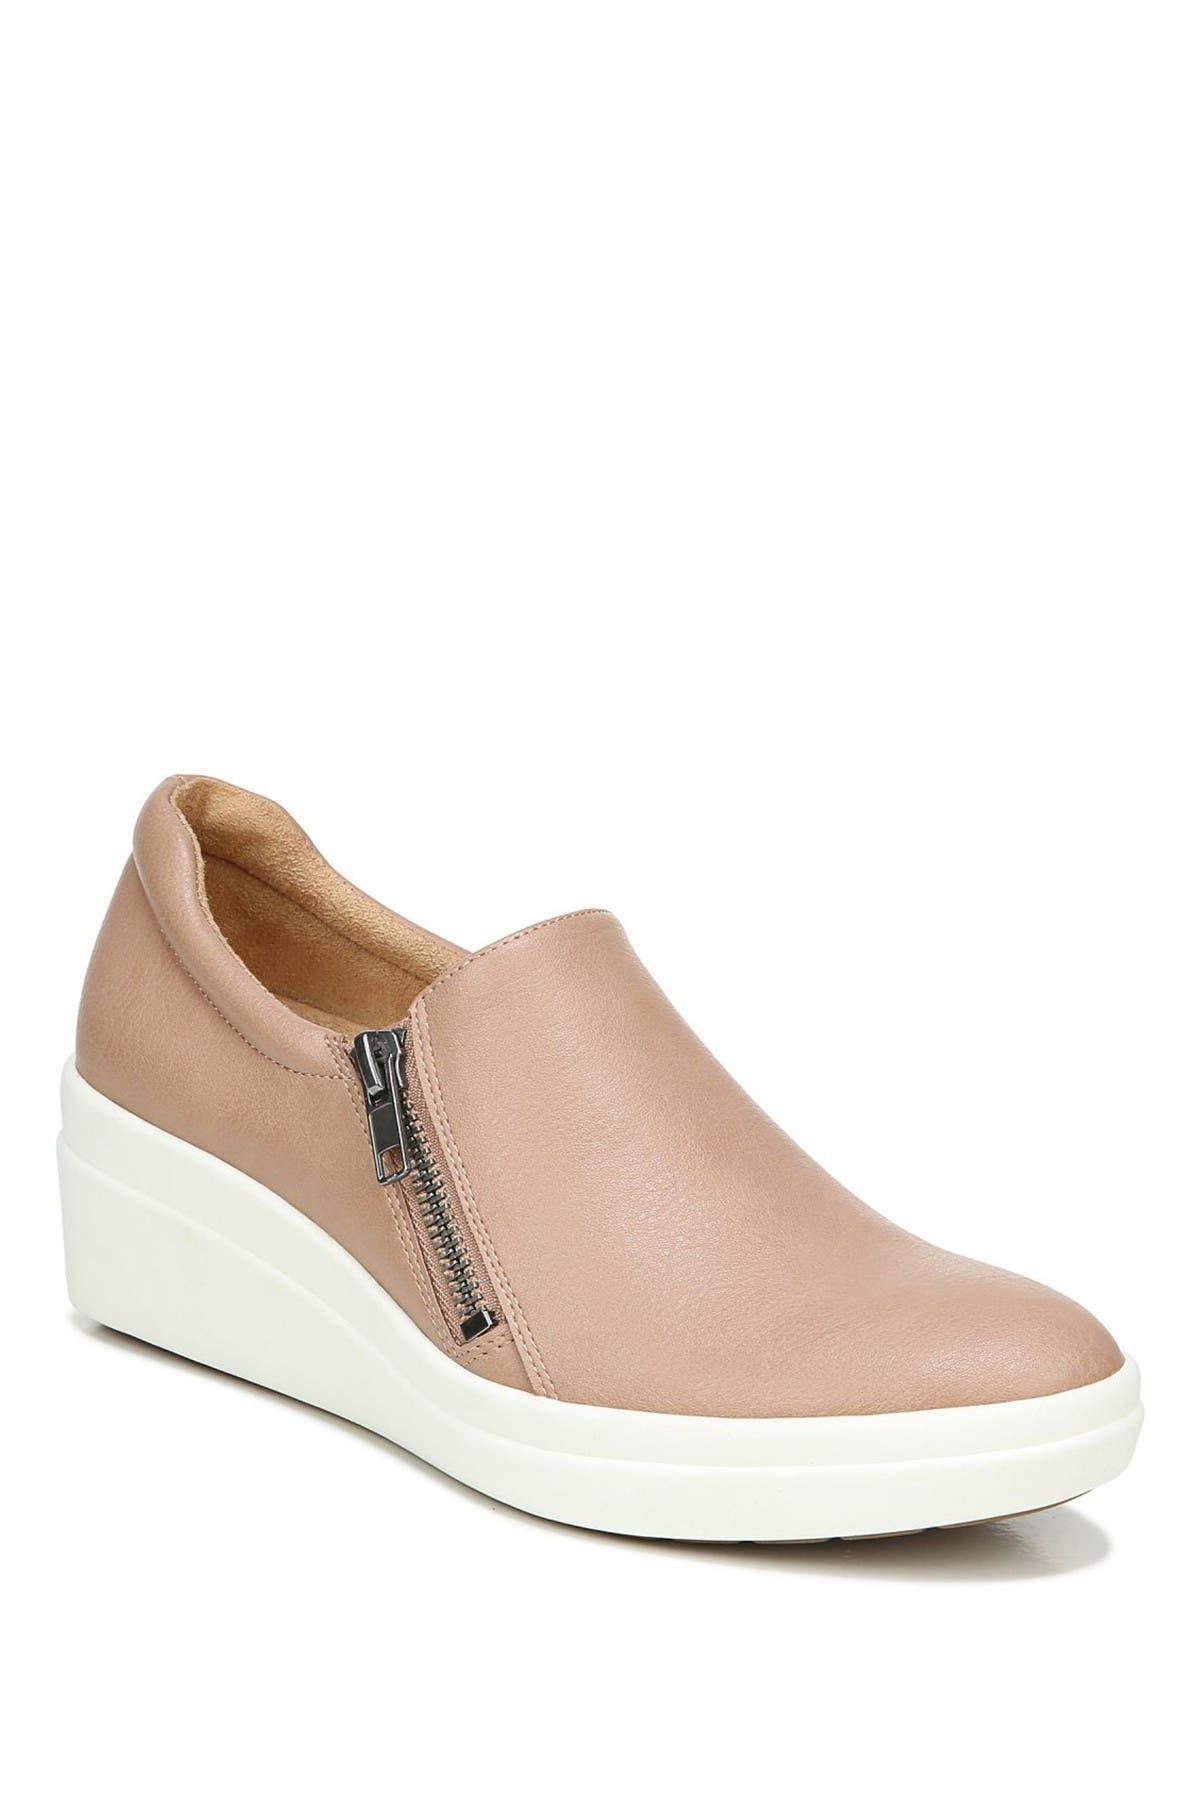 Image of Naturalizer Sierra Wedge Sneaker